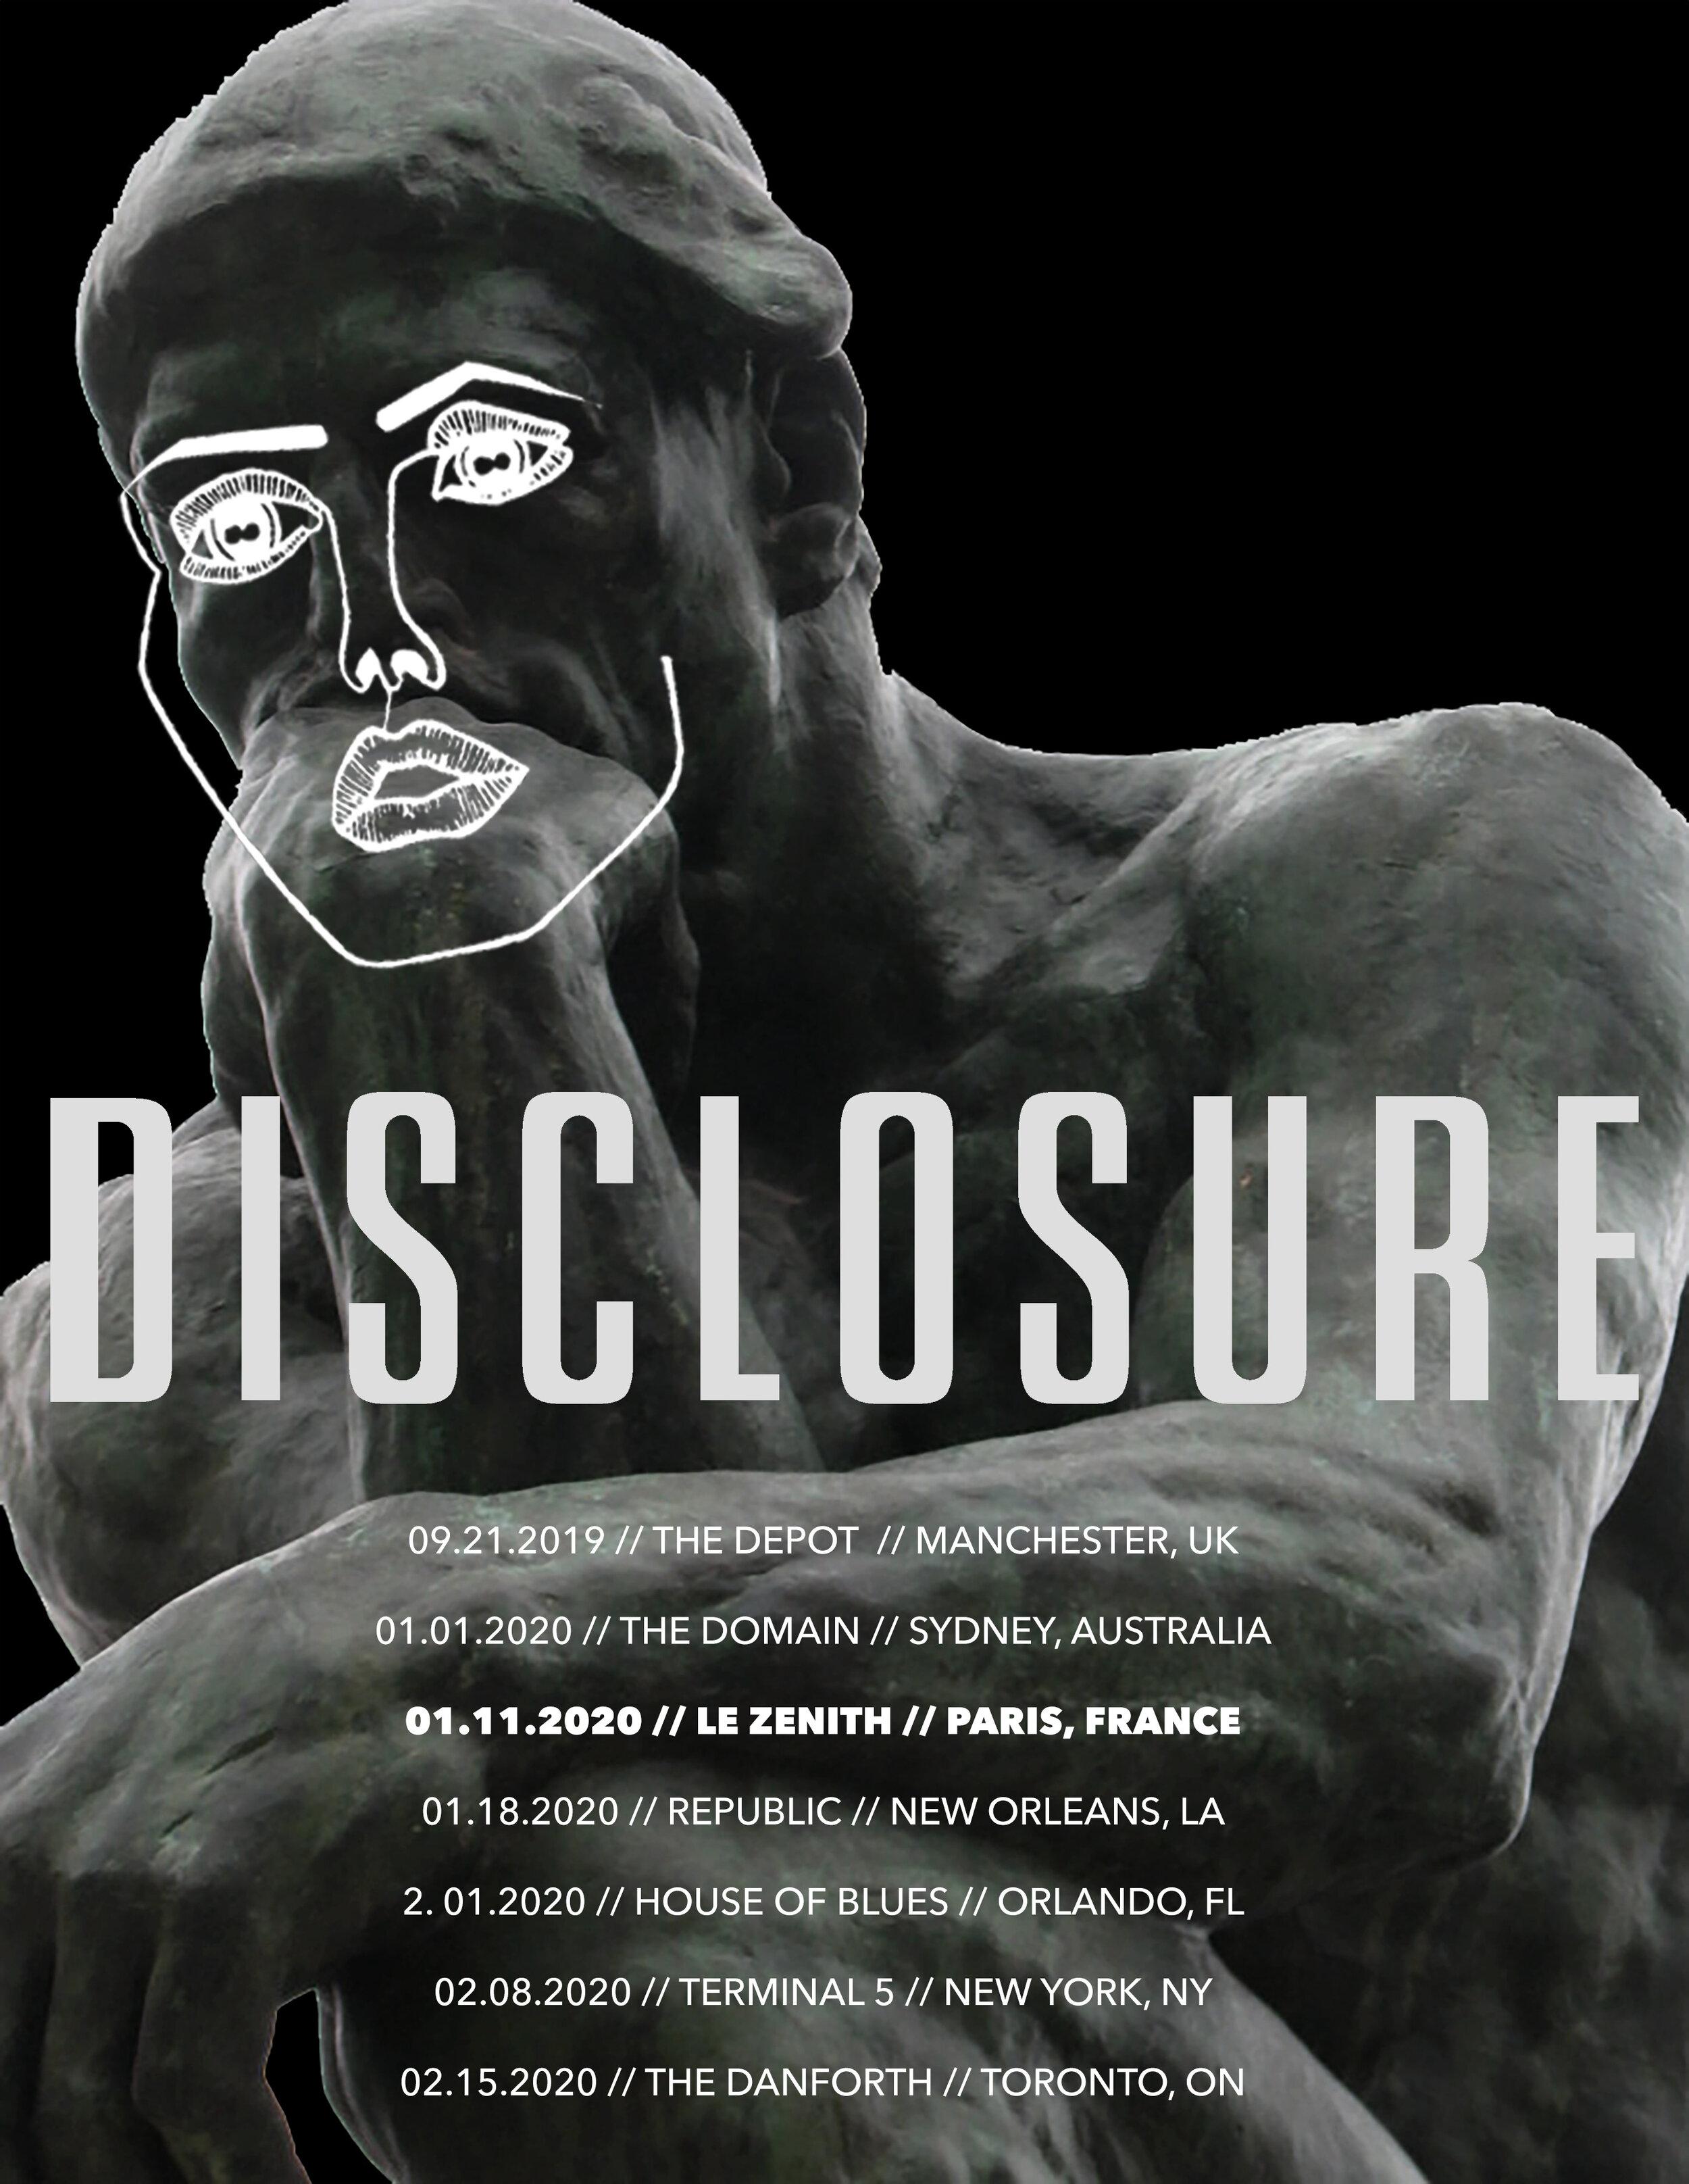 disclosure_poster6.5.jpg